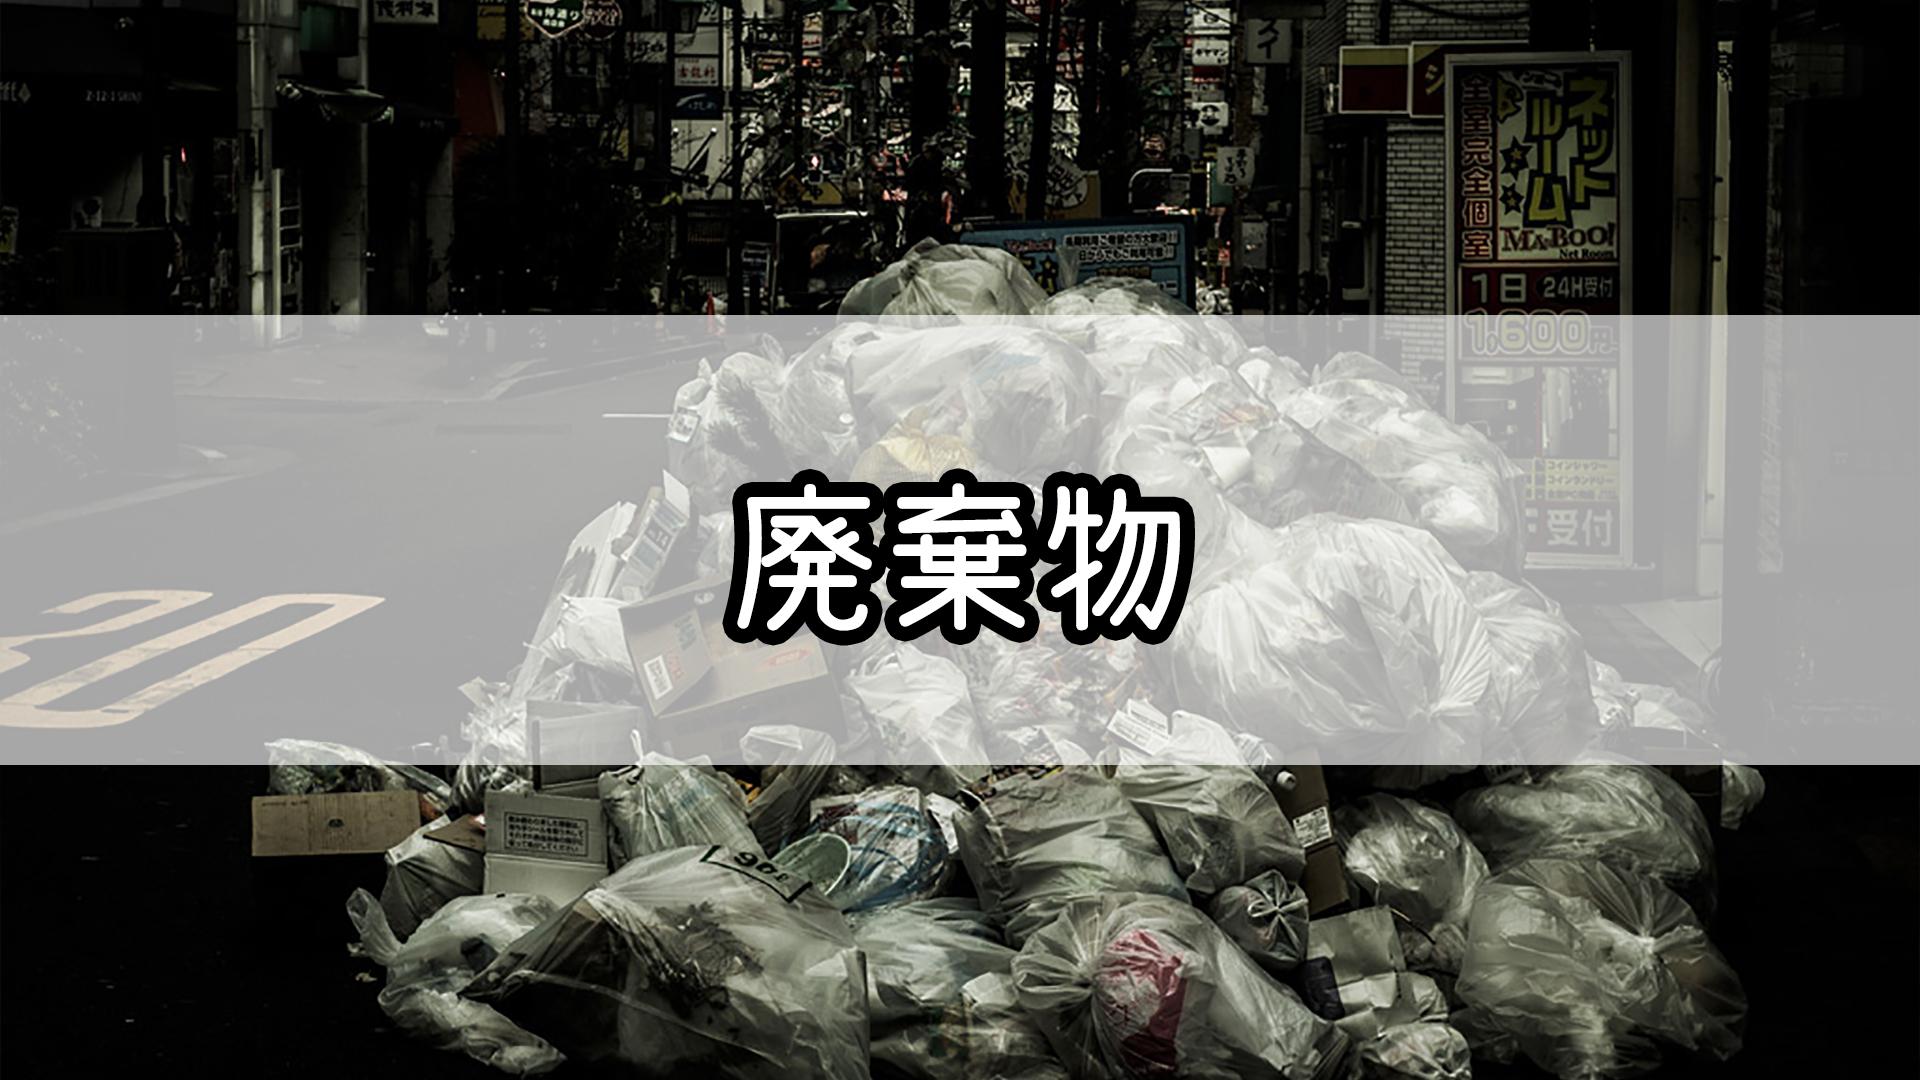 『廃棄物』のゴロ・覚え方